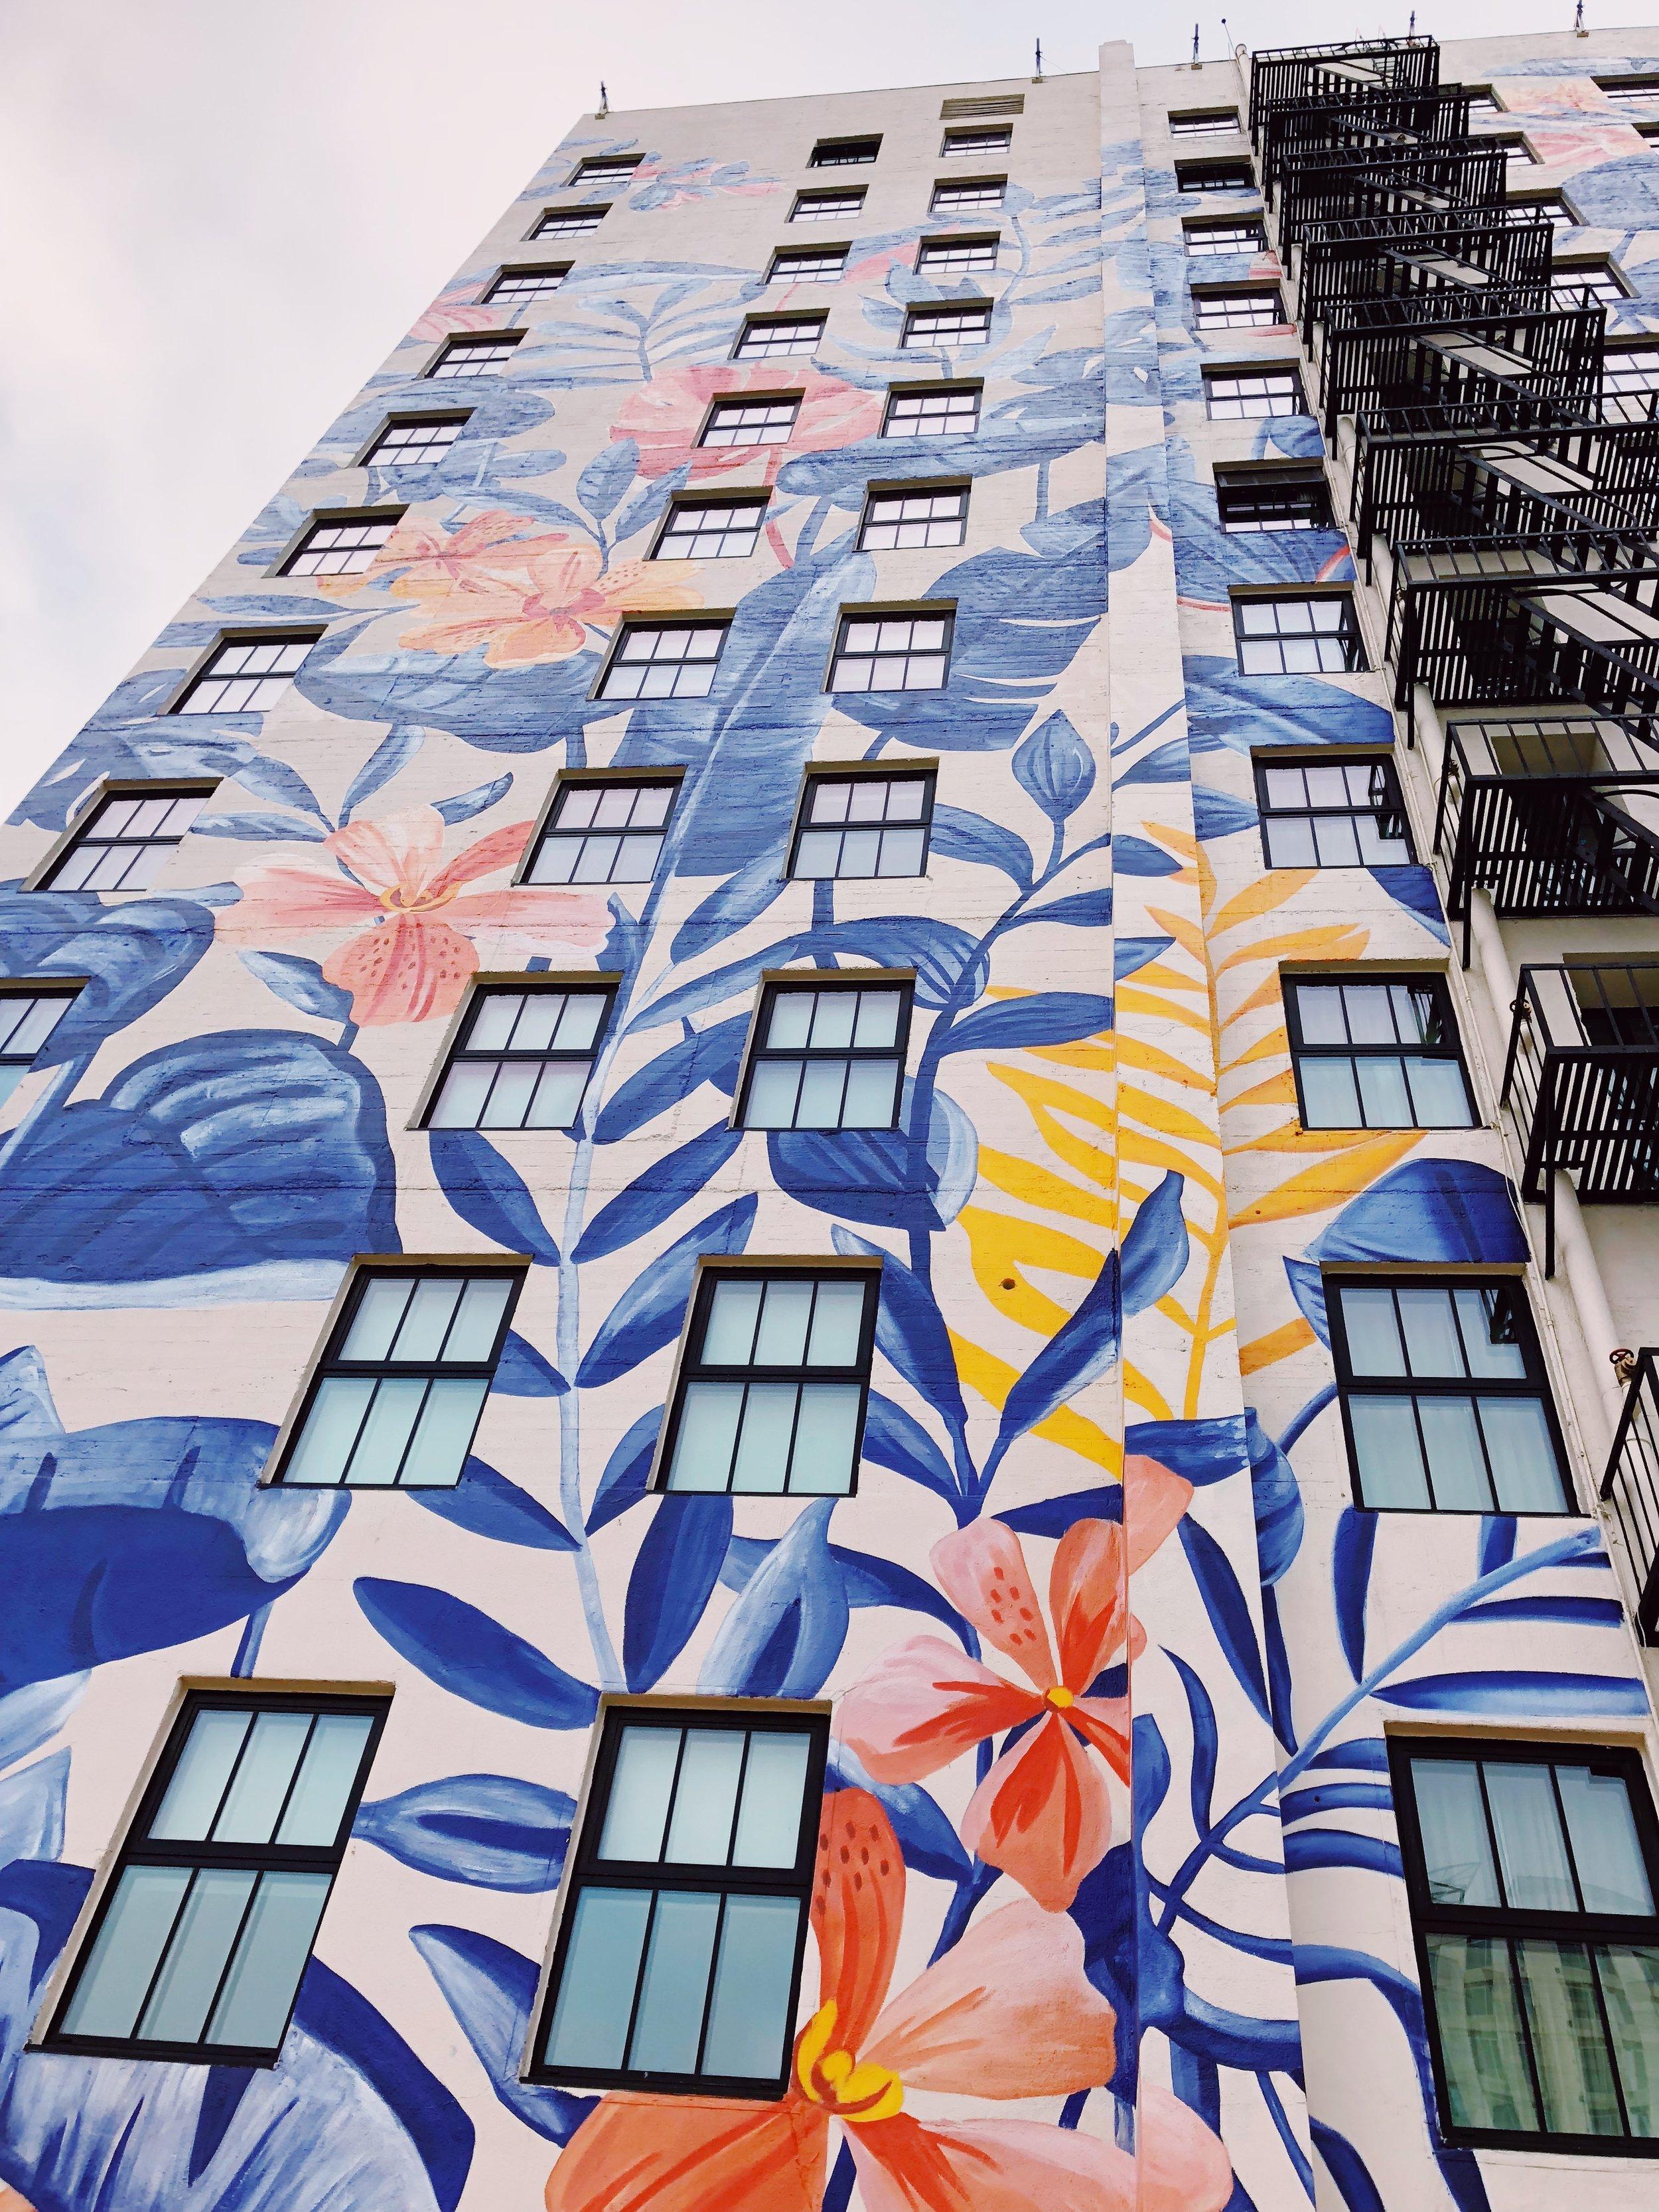 Hotel Figueroa - downtown los angeles